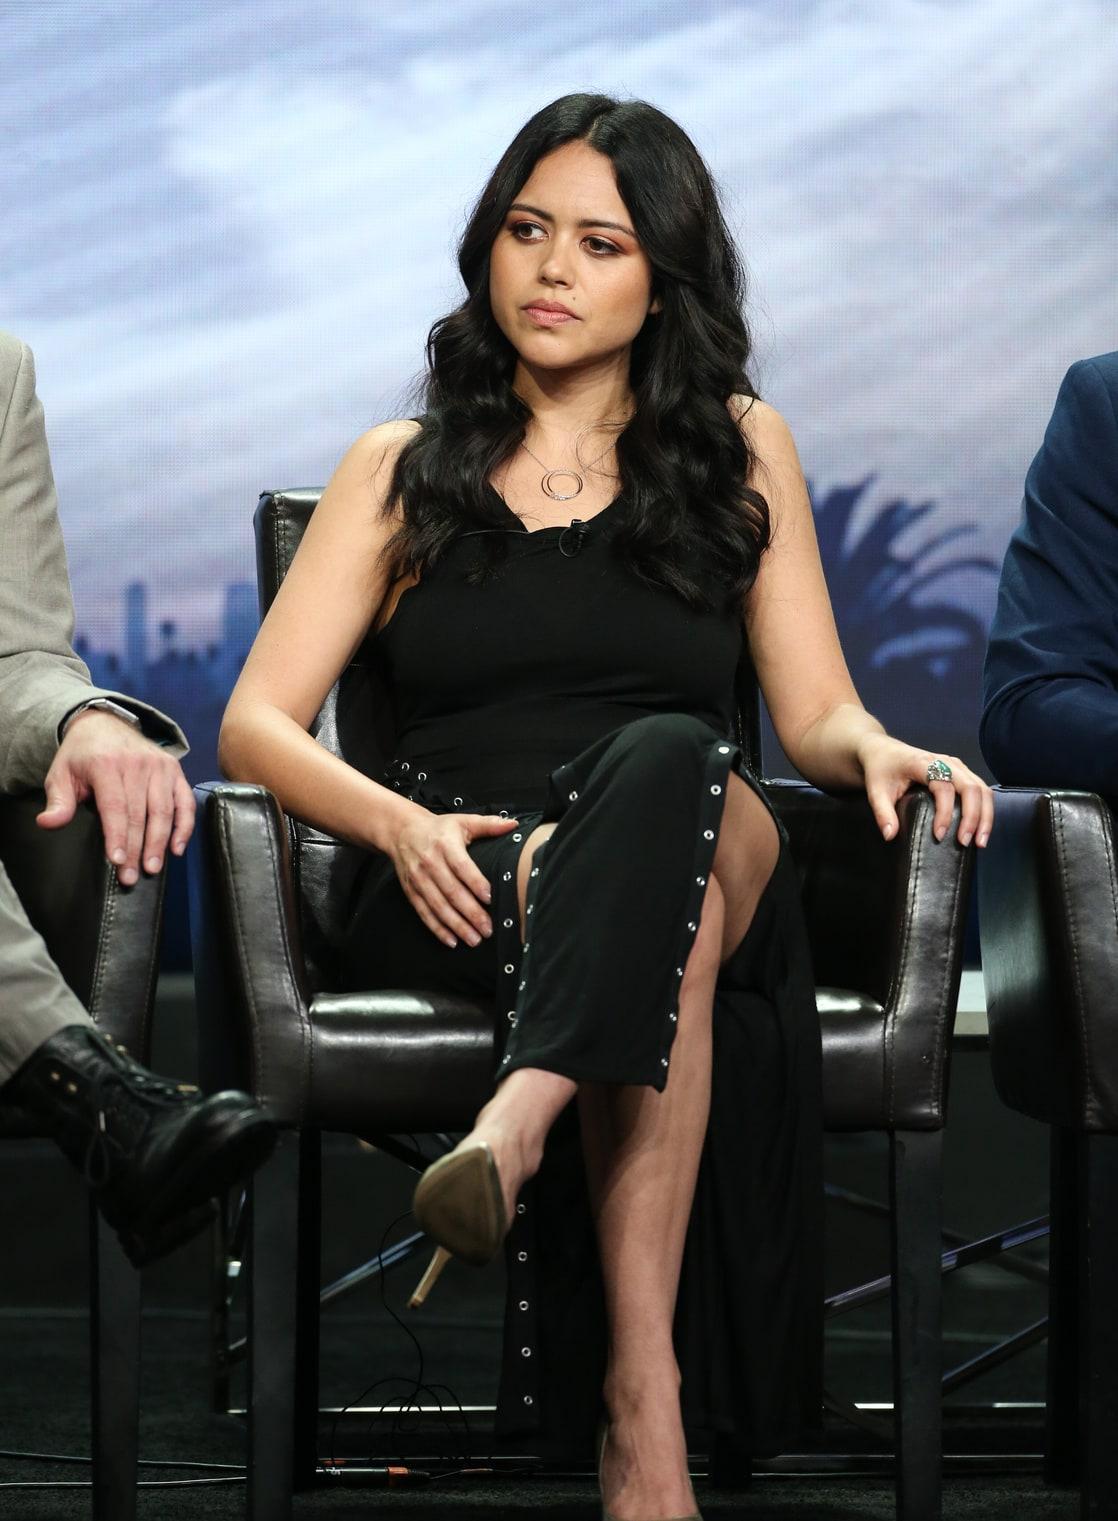 Alyssa Diaz Hot picture of alyssa diaz